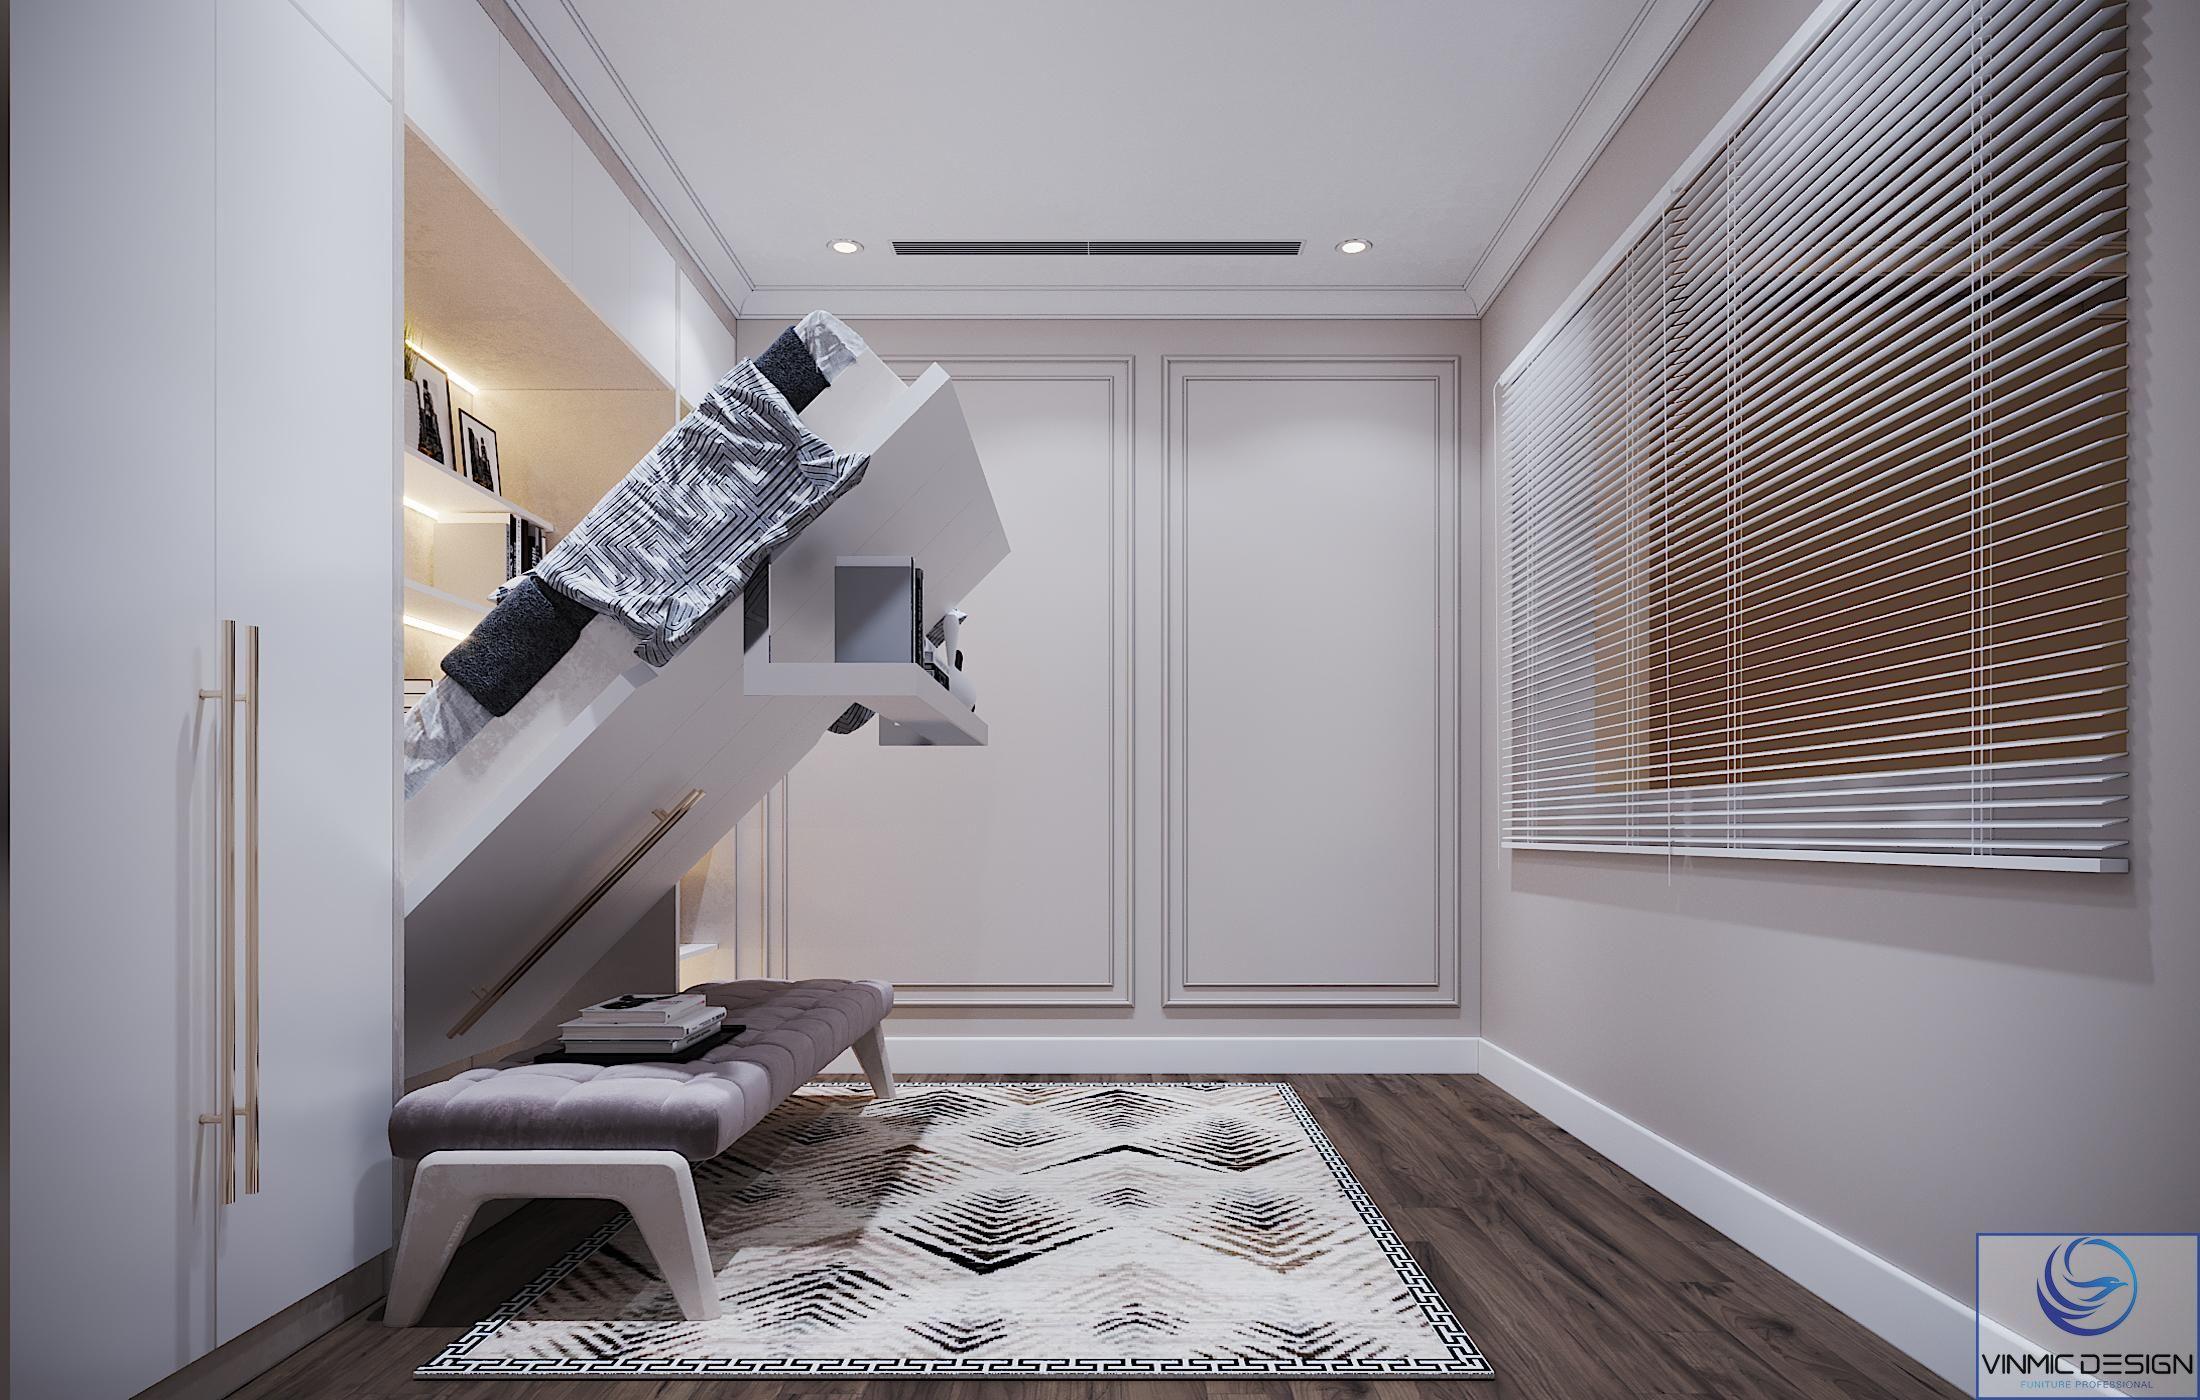 Kết hợp giường thông minh với tủ để đồ giúp tối ưu công năng của căn phòng.